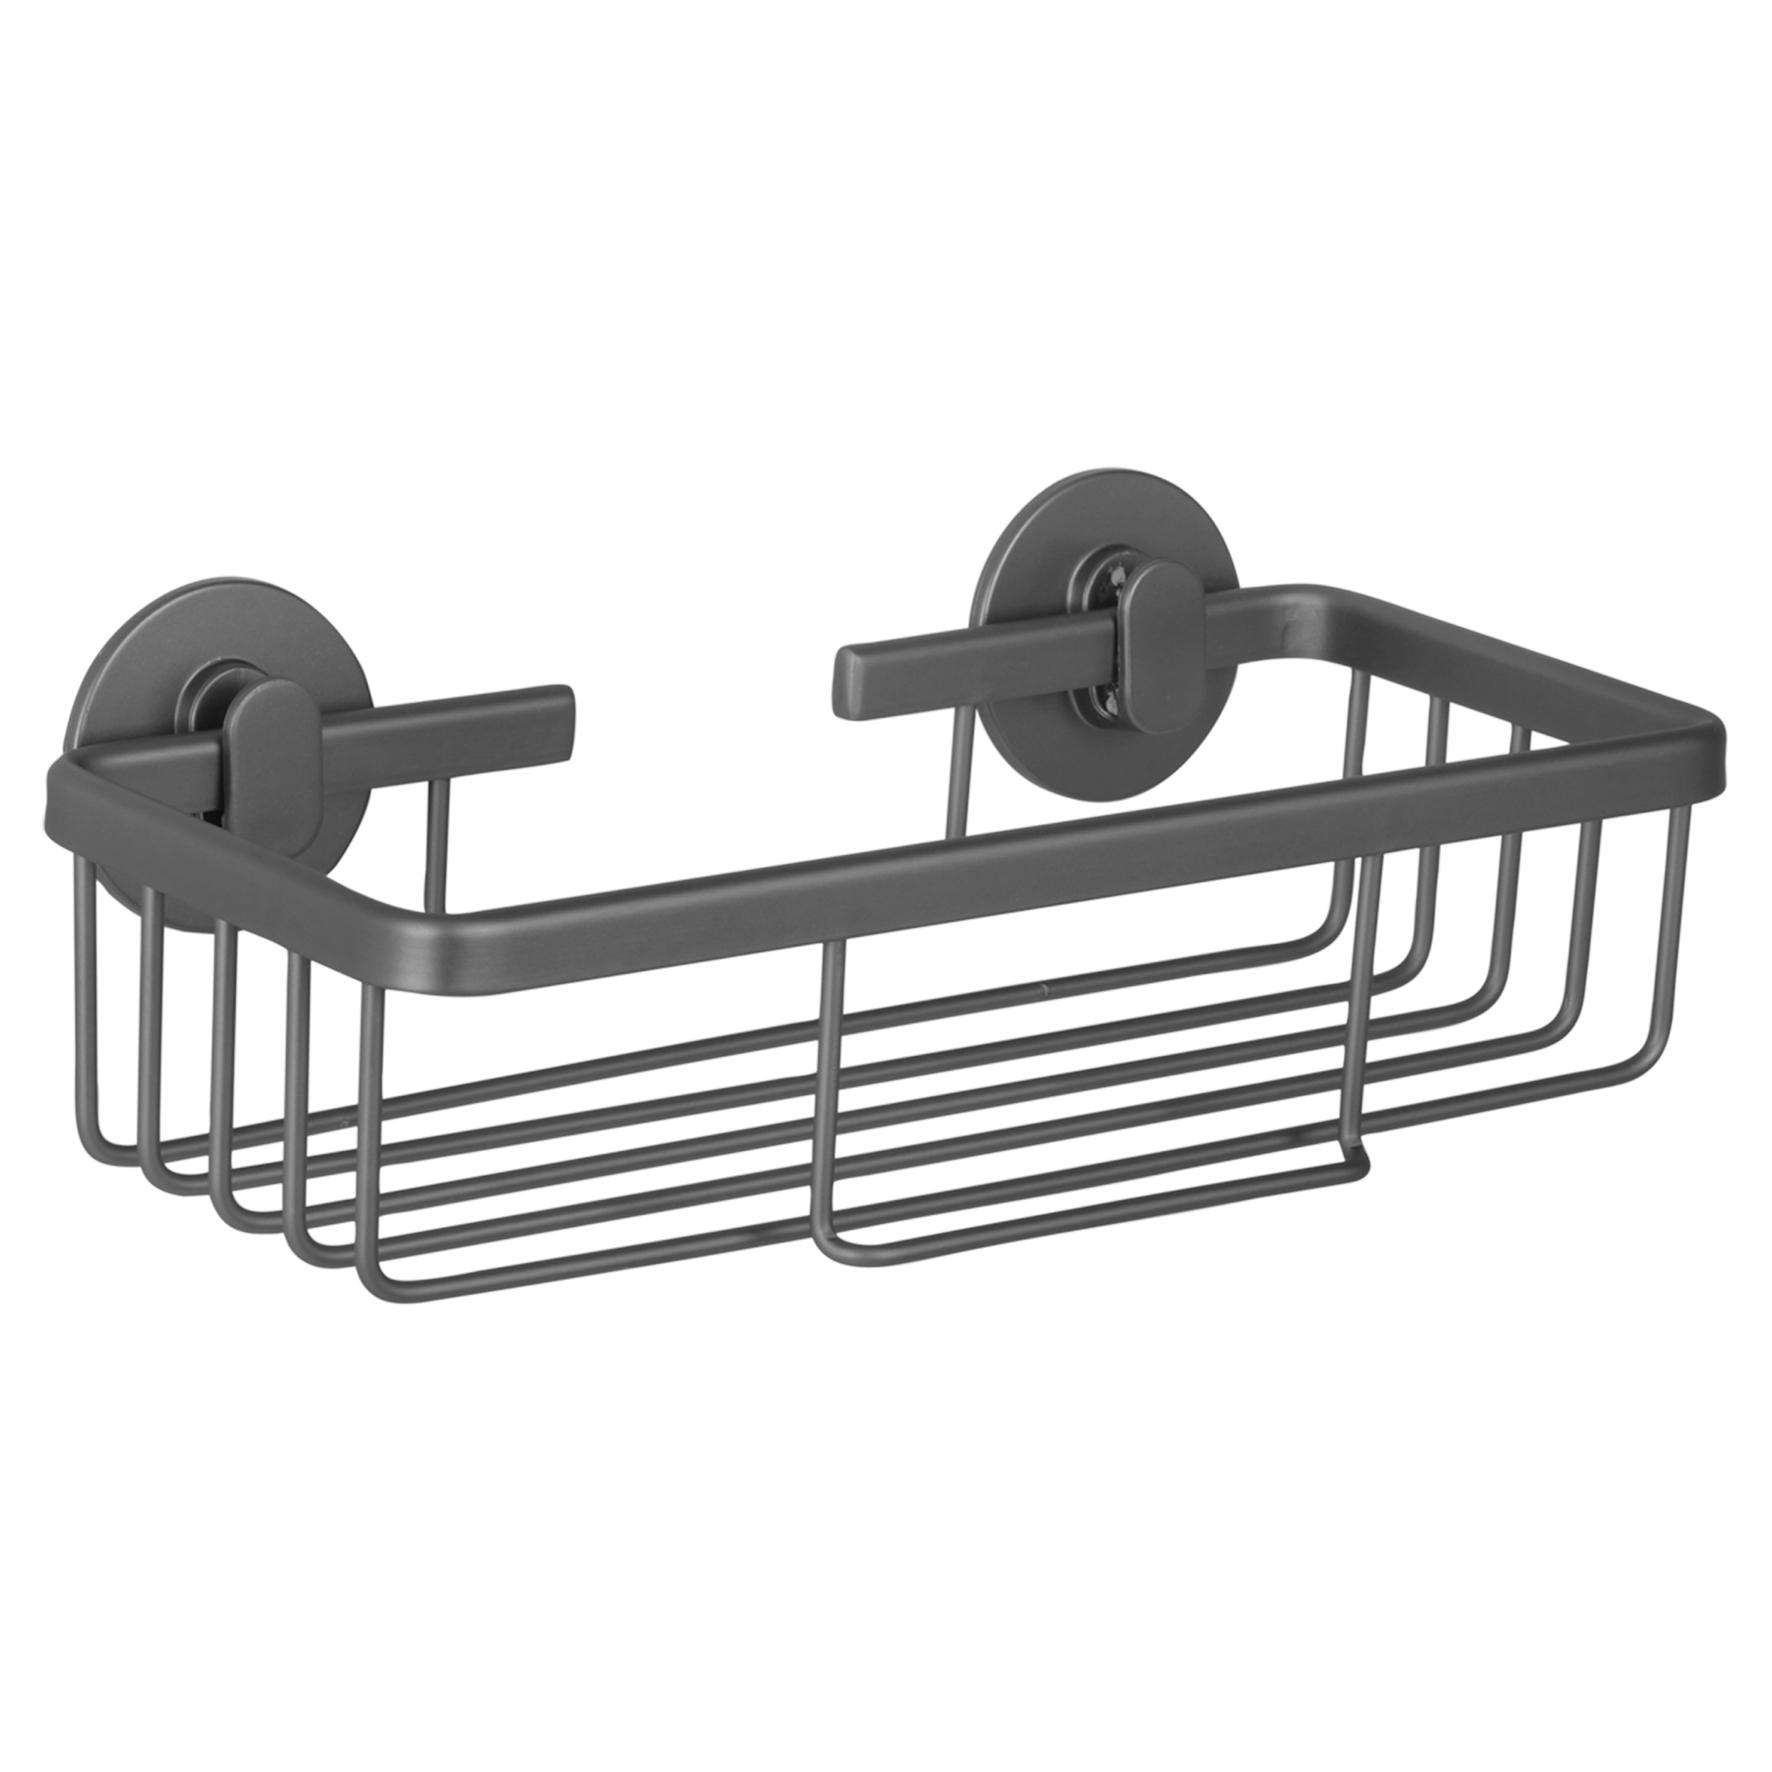 Differnz draadmand - rechthoek - aluminium - gun metal